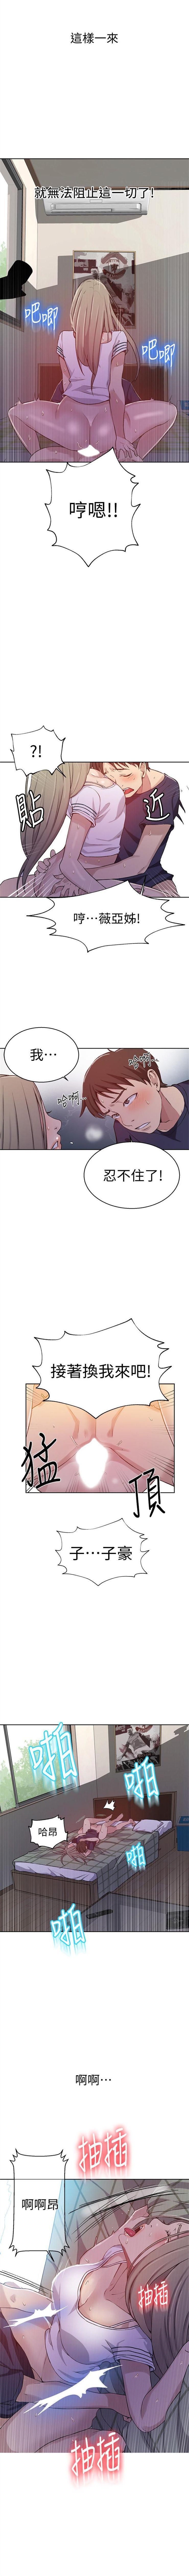 秘密教學  1-63 官方中文(連載中) 204